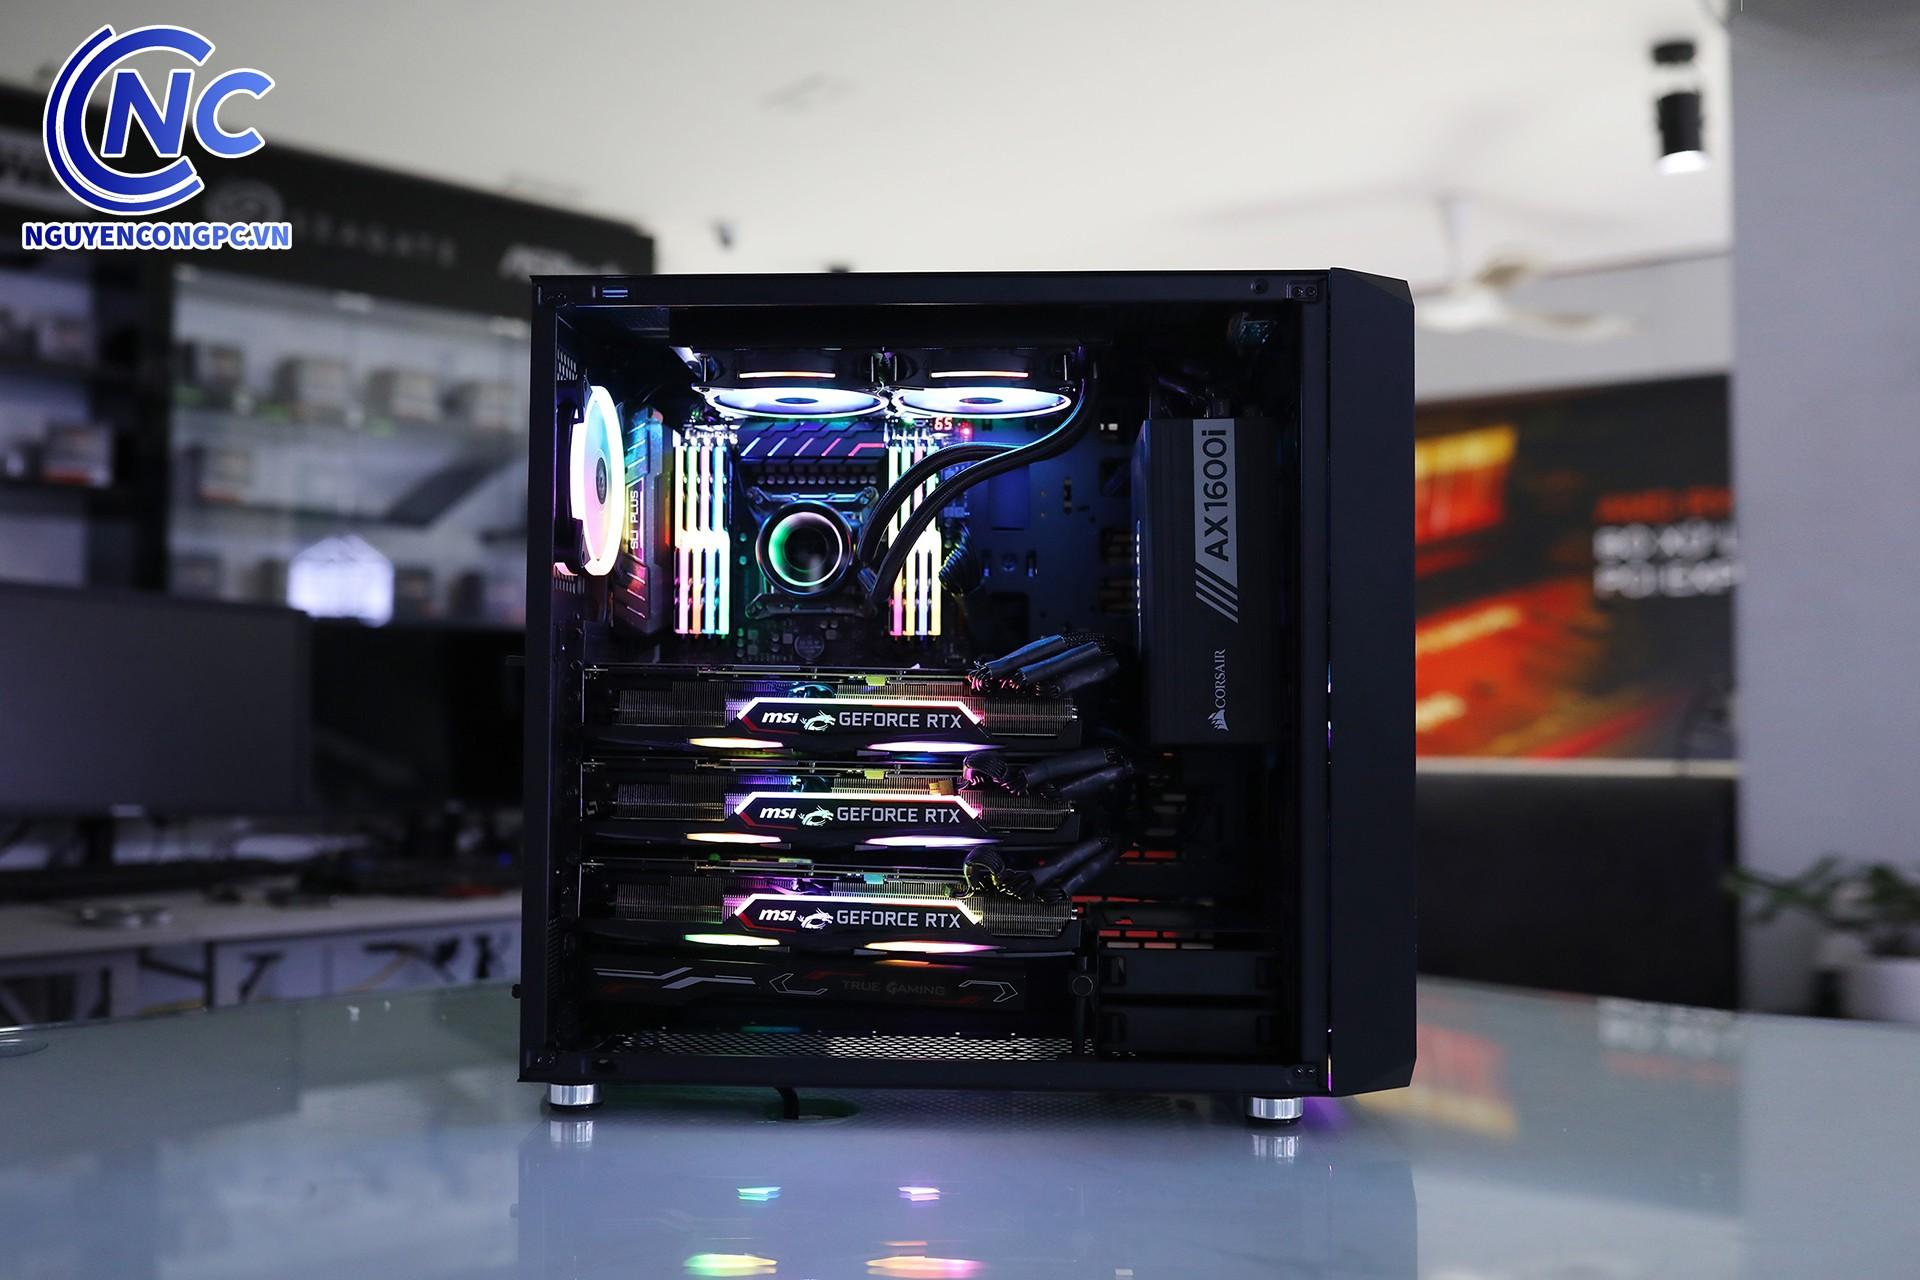 MSI GeForce RTX 2080 Ti x3